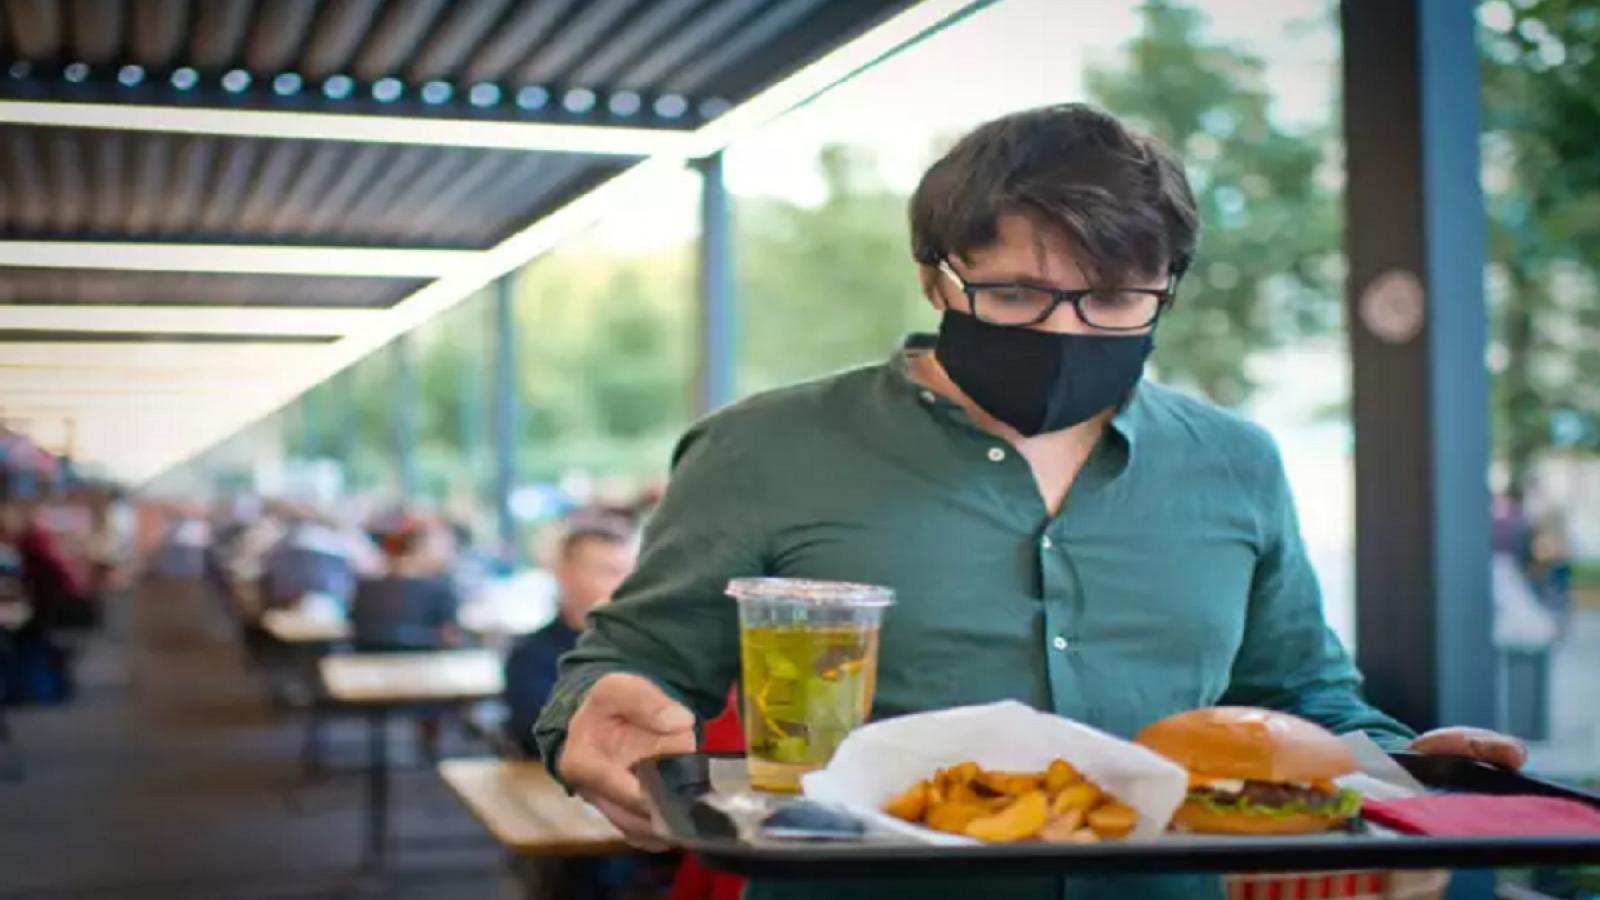 5 điều bạn phải lưu ý khi đi ăn ở ngoài giữa đại dịch COVID-19